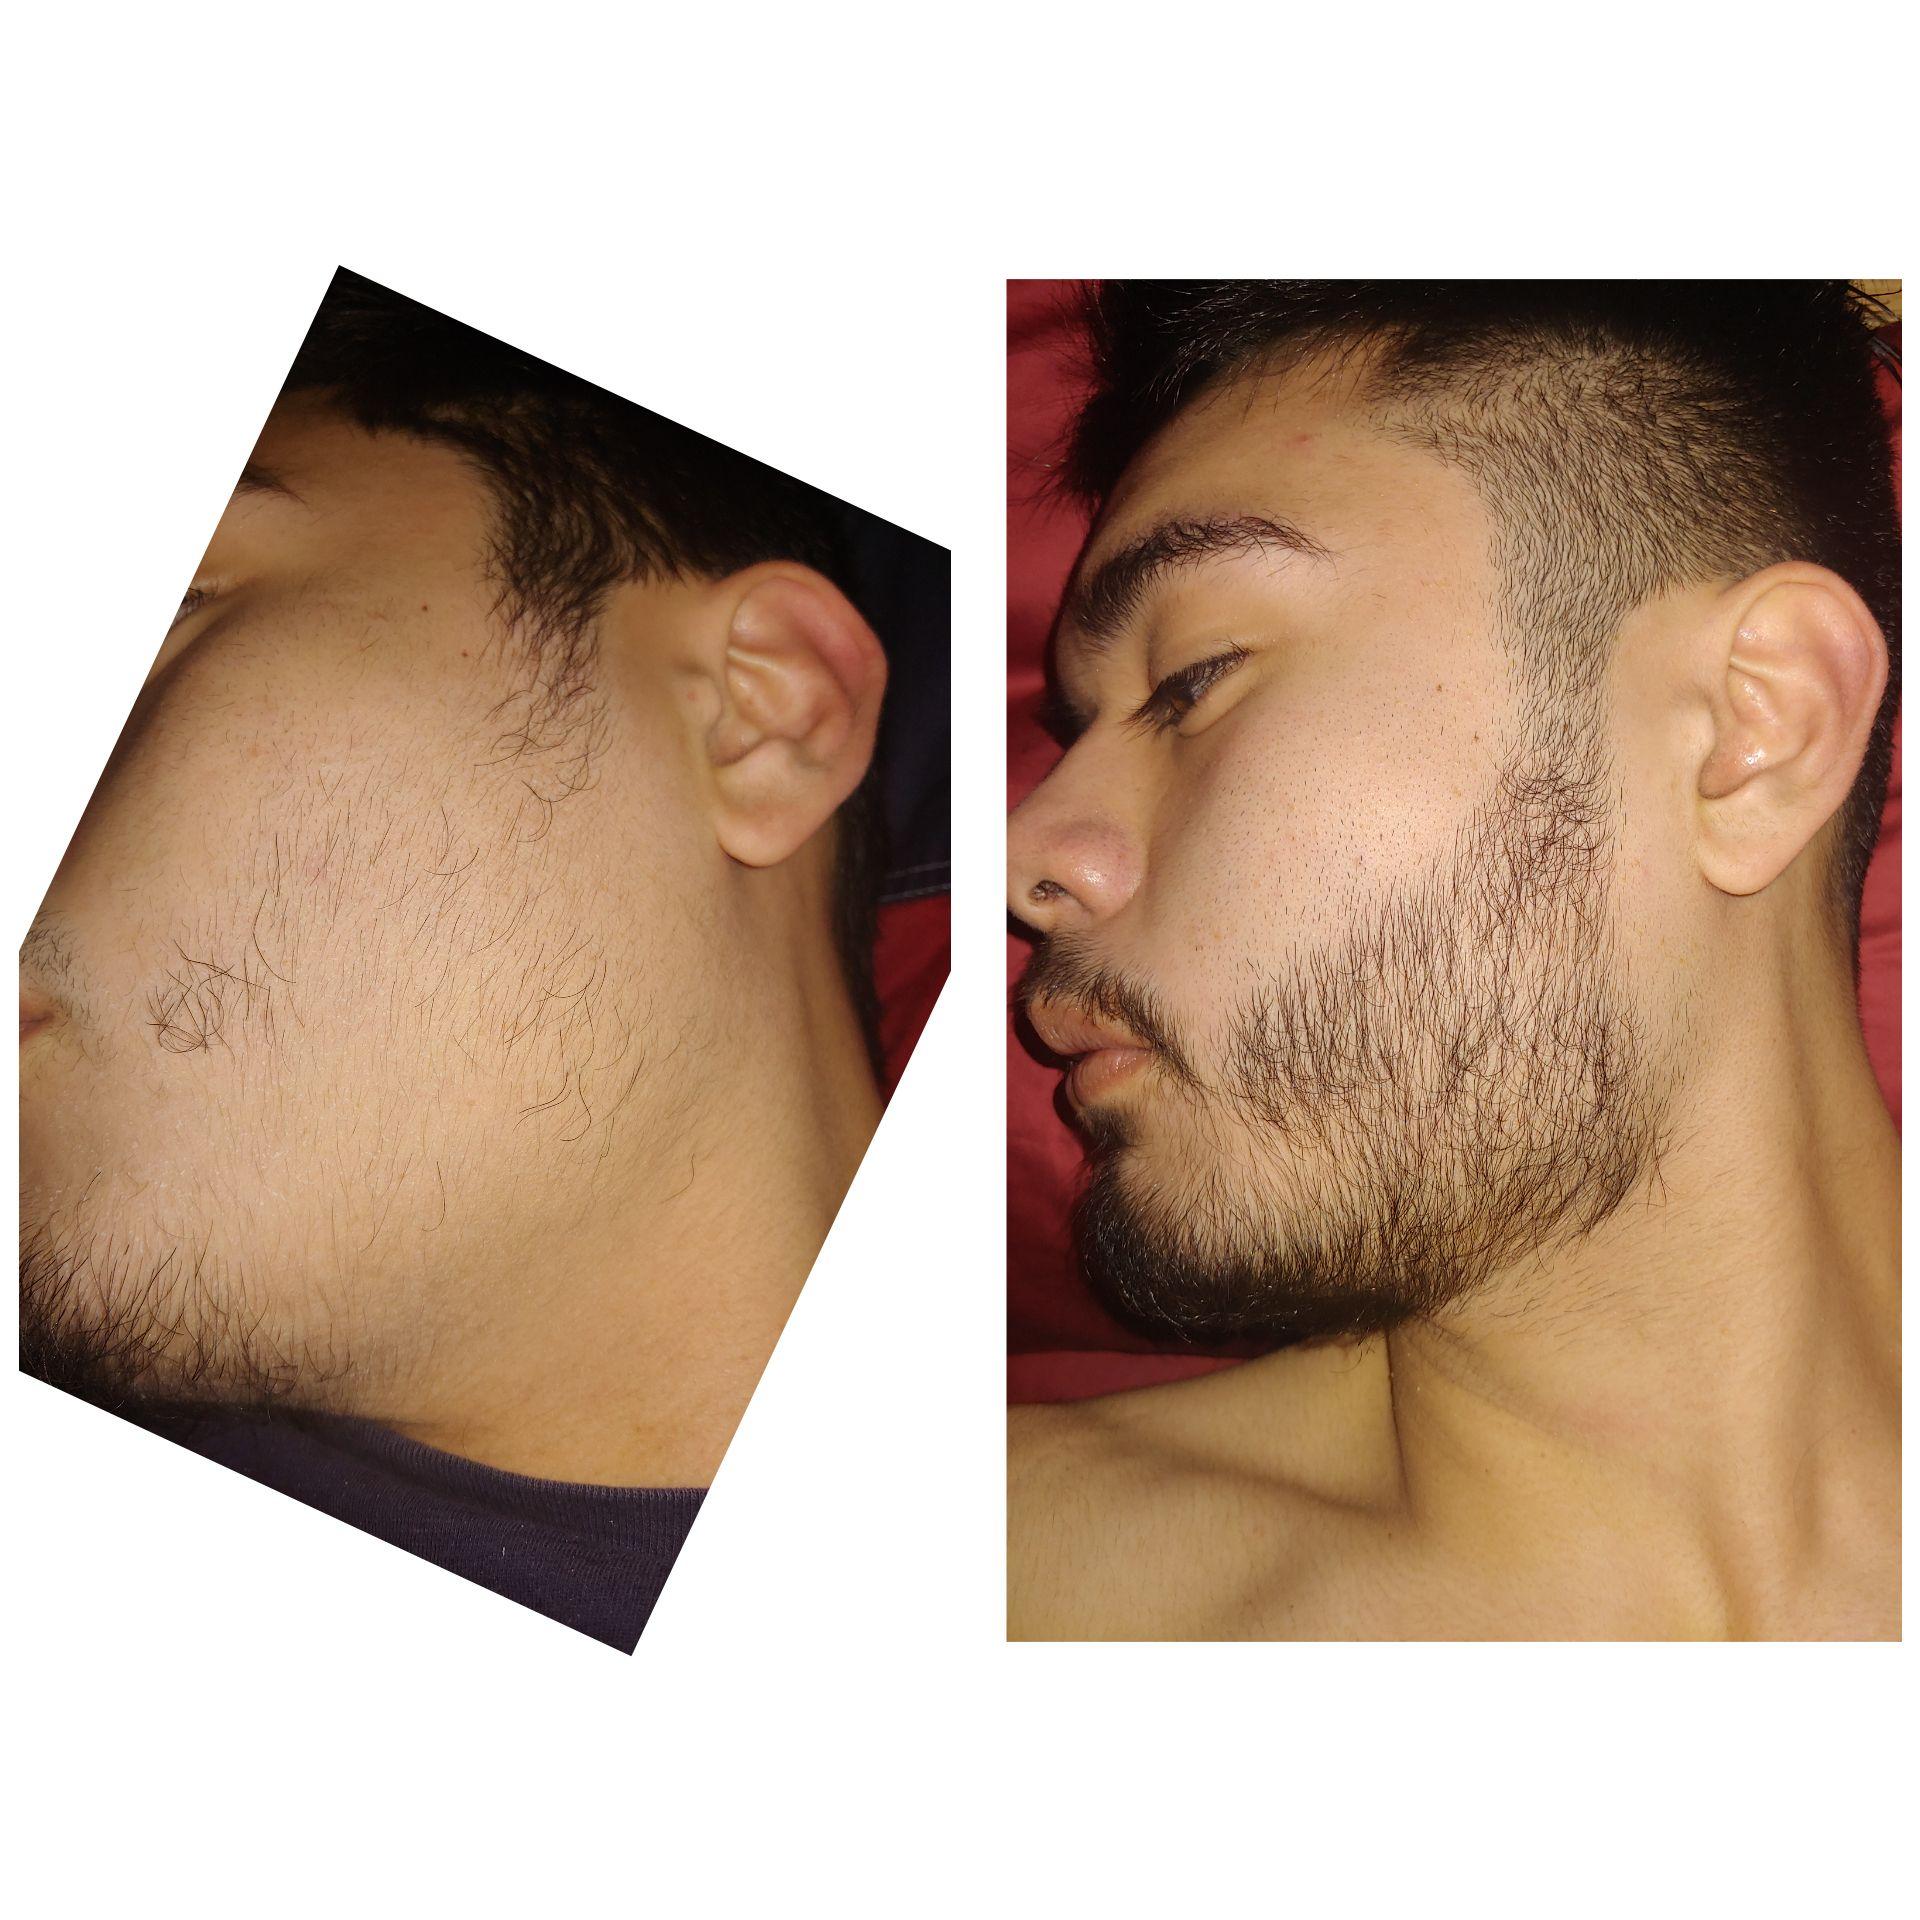 Spots rogaine bald for beard Bald Spot